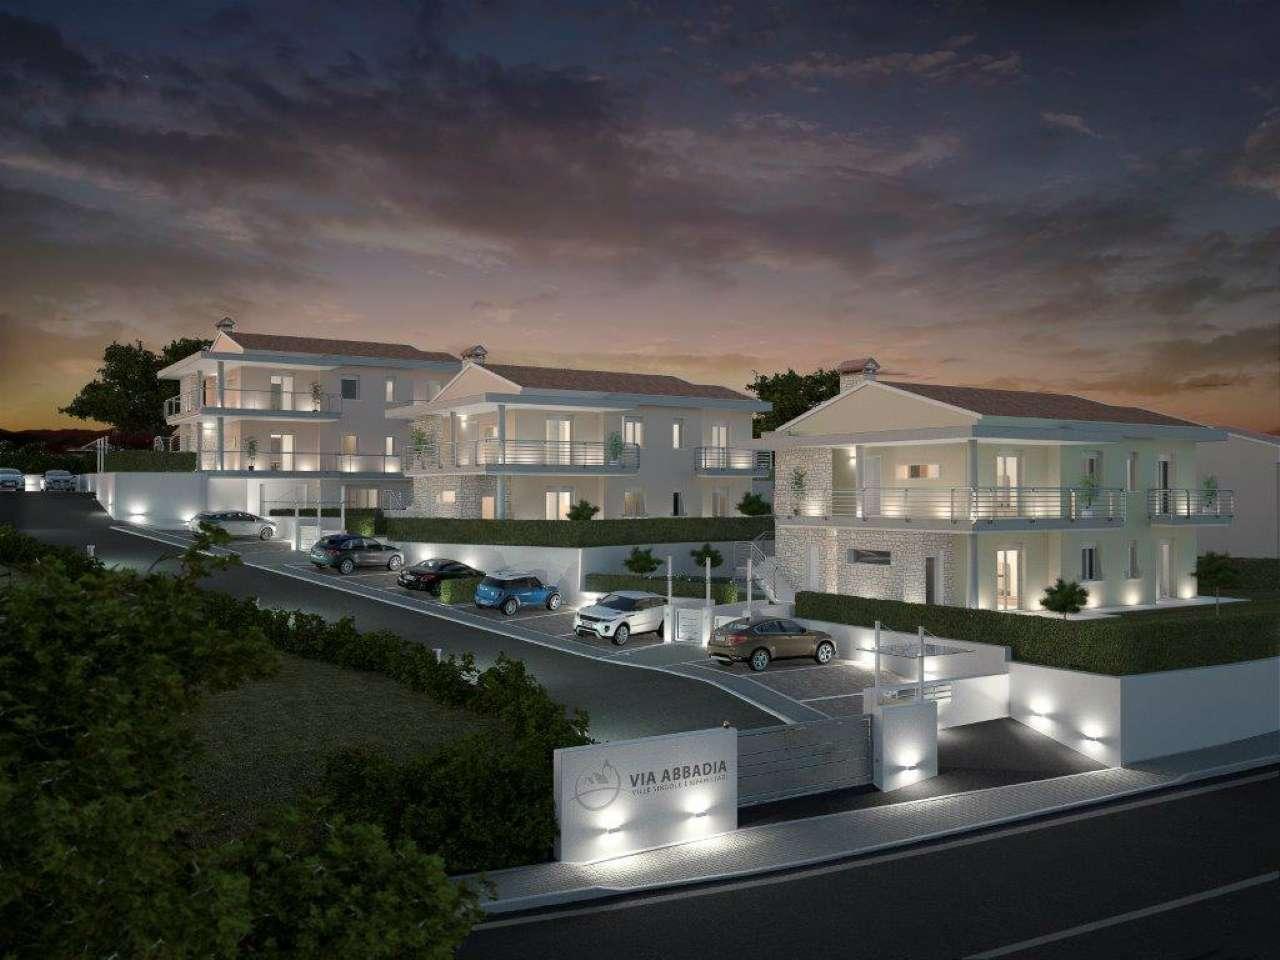 Appartamento in vendita a Osimo, 4 locali, Trattative riservate | Cambio Casa.it